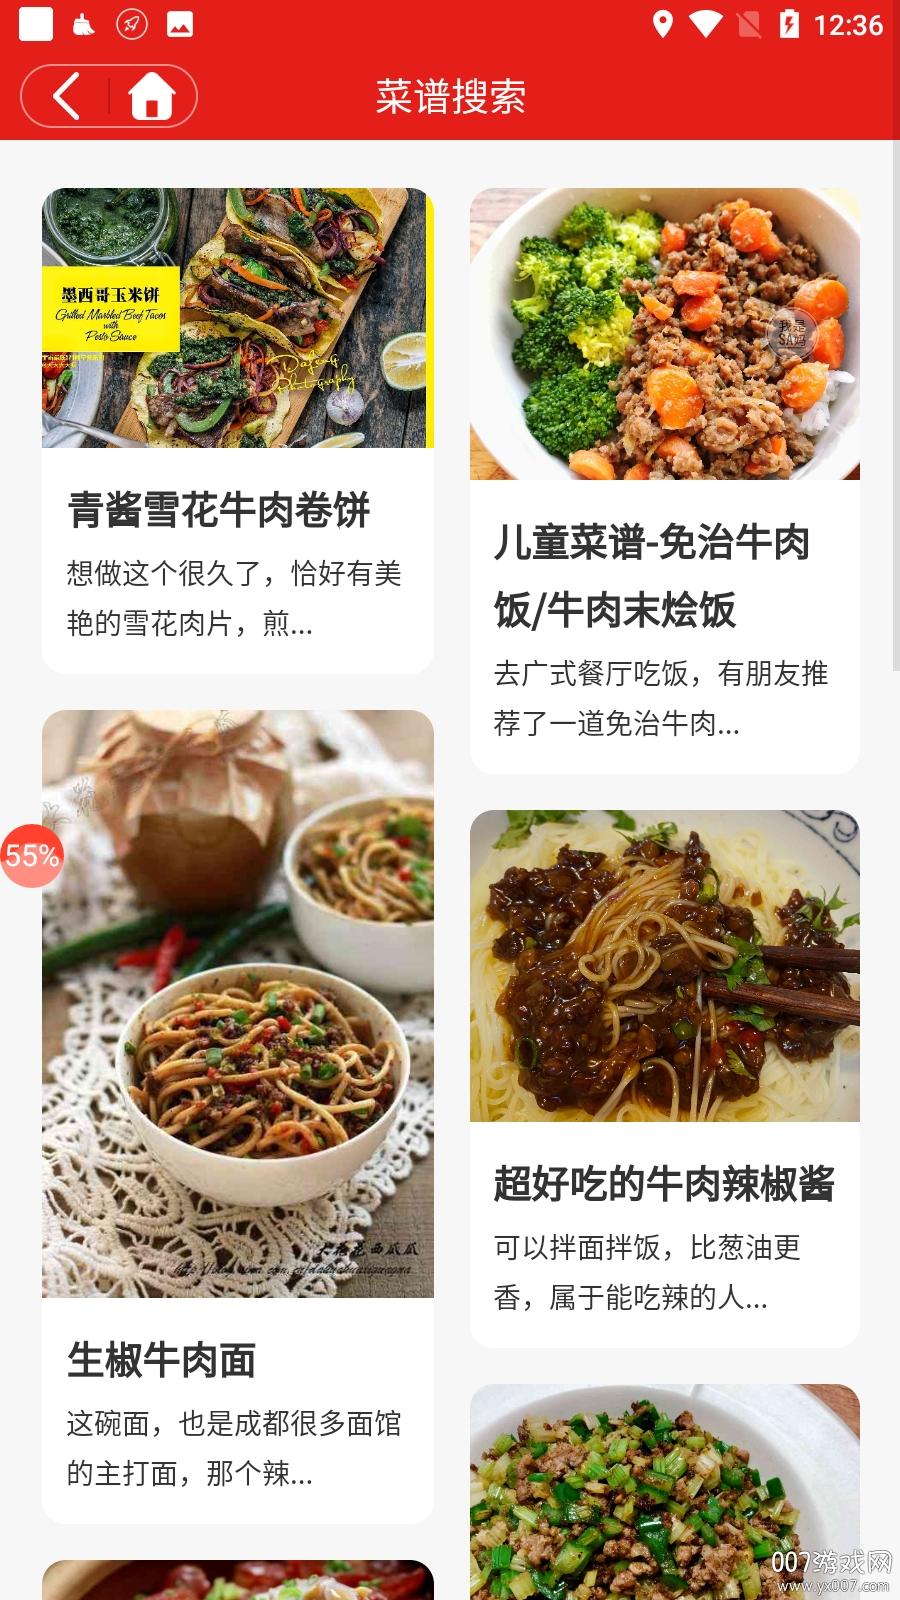 爱美食菜谱大全APP最新版v1.0.1 免费版